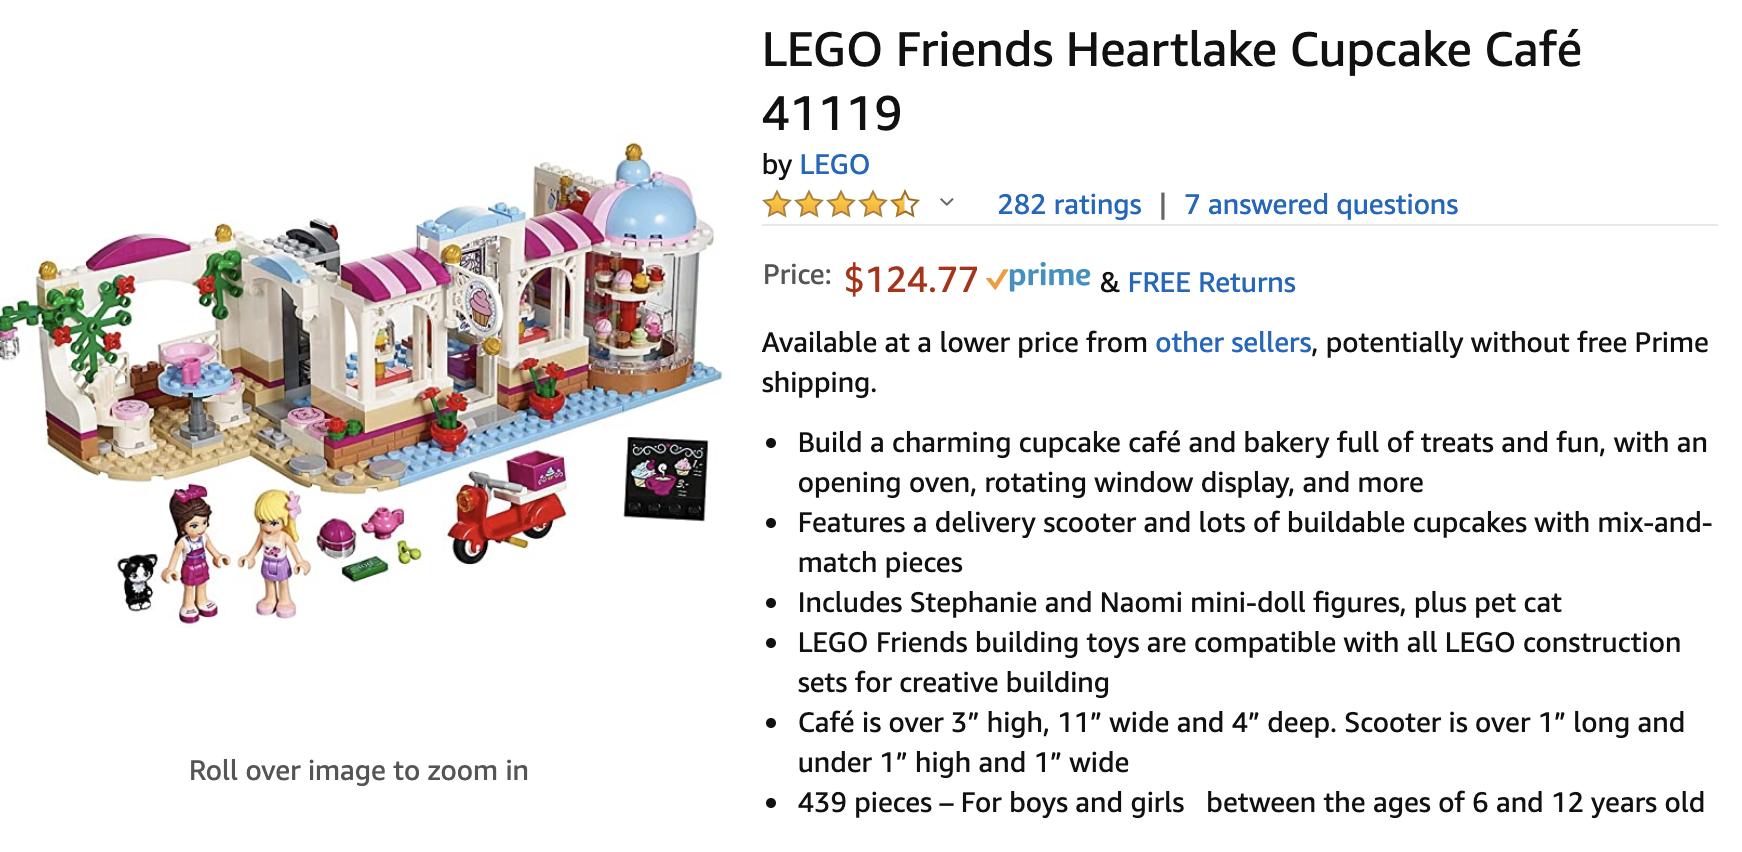 LEGO 41119 Heartlake Cupcake Cafe